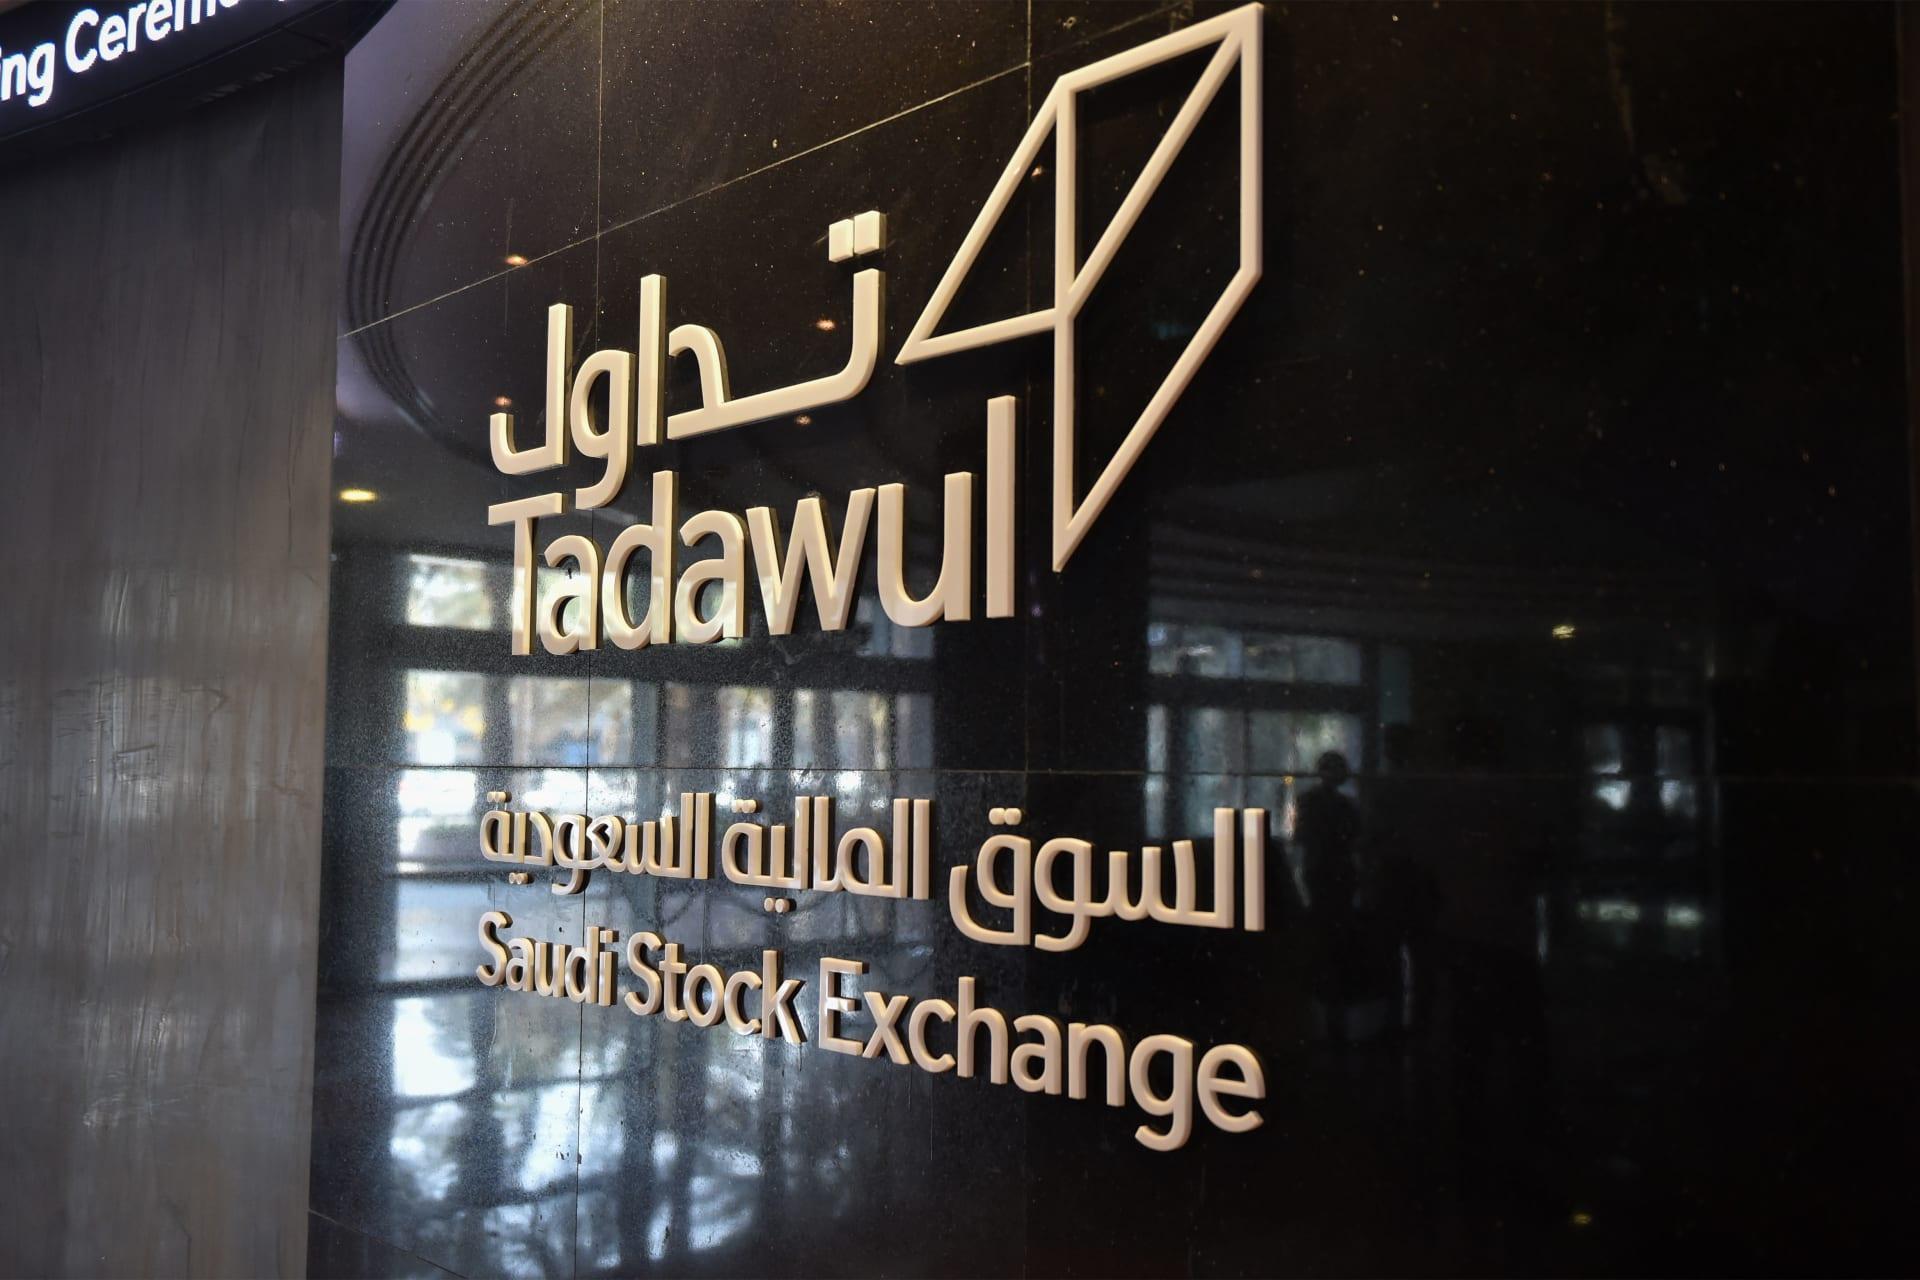 السعودية تبدأ التداول في سوق المشتقات المالية.. هذه أبرز مزاياها